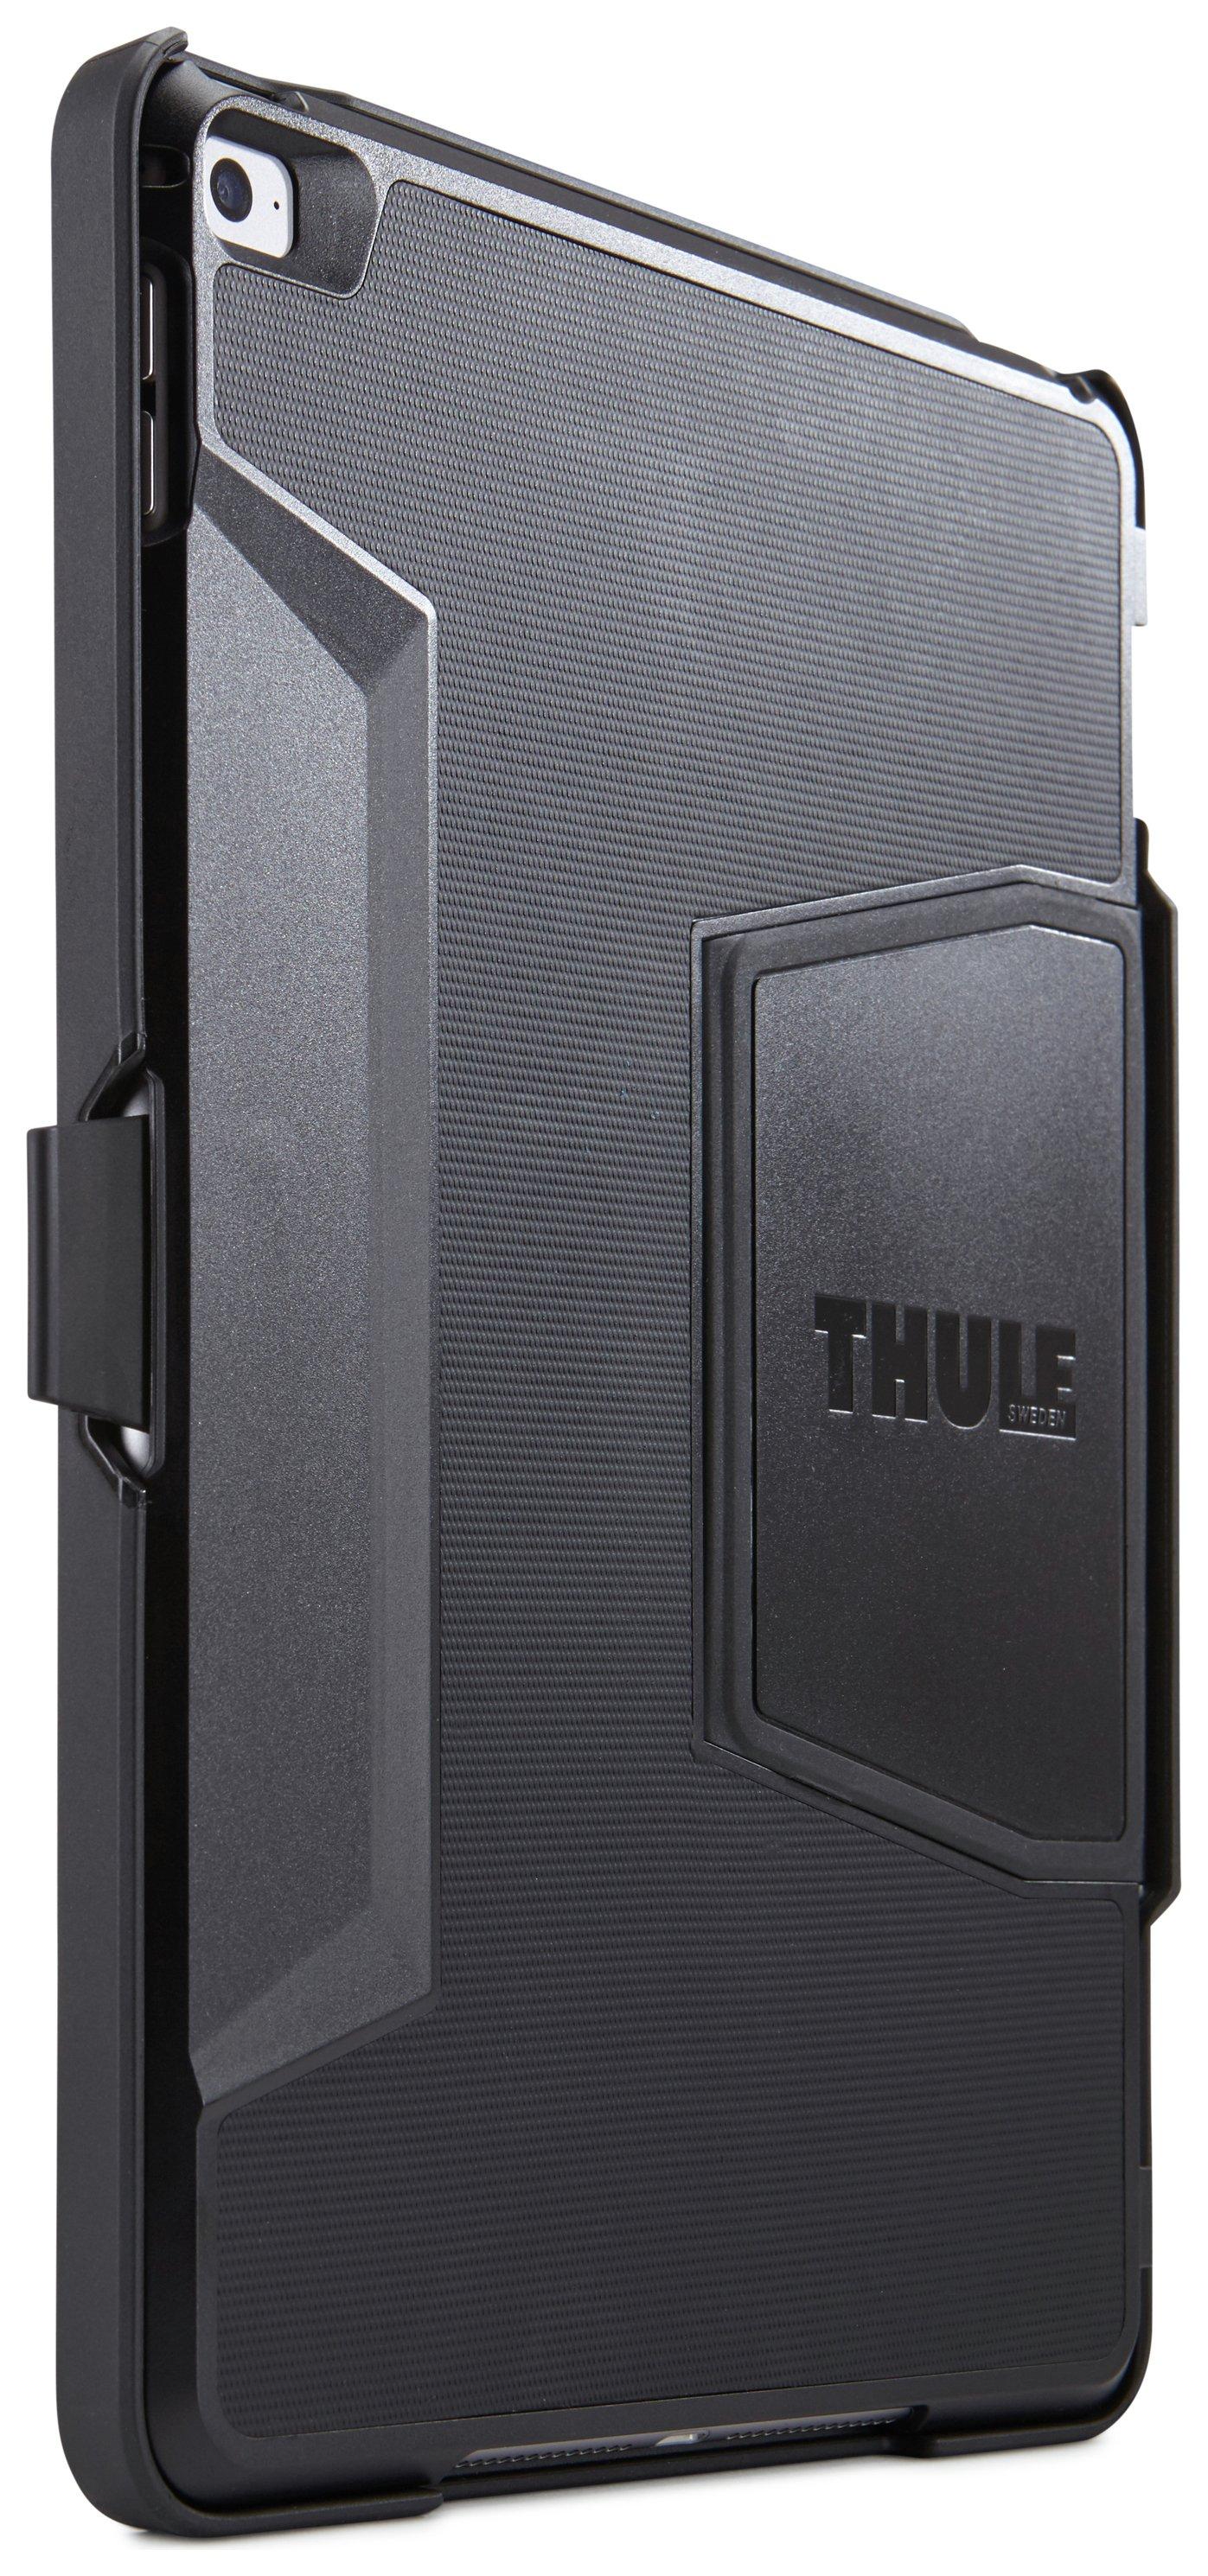 Thule Thule Atmos X3 Case for iPad Air 2 - Black.